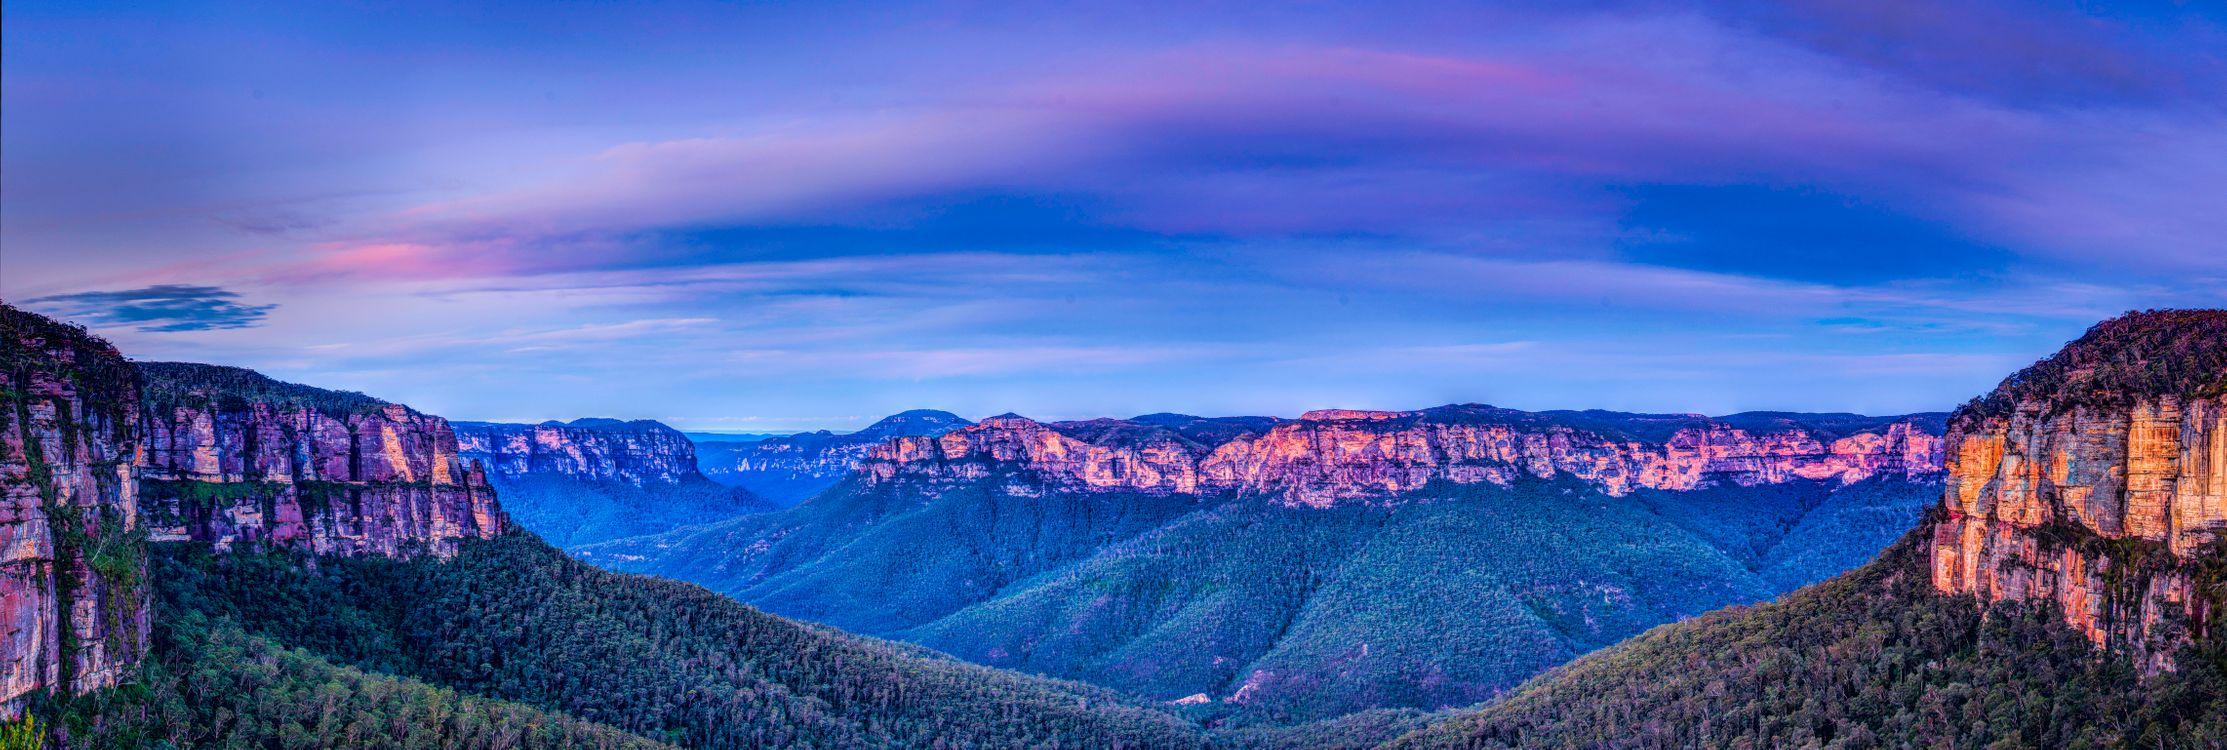 Фото бесплатно Blue Mountains National Park, Australian landscape, Австралия - на рабочий стол